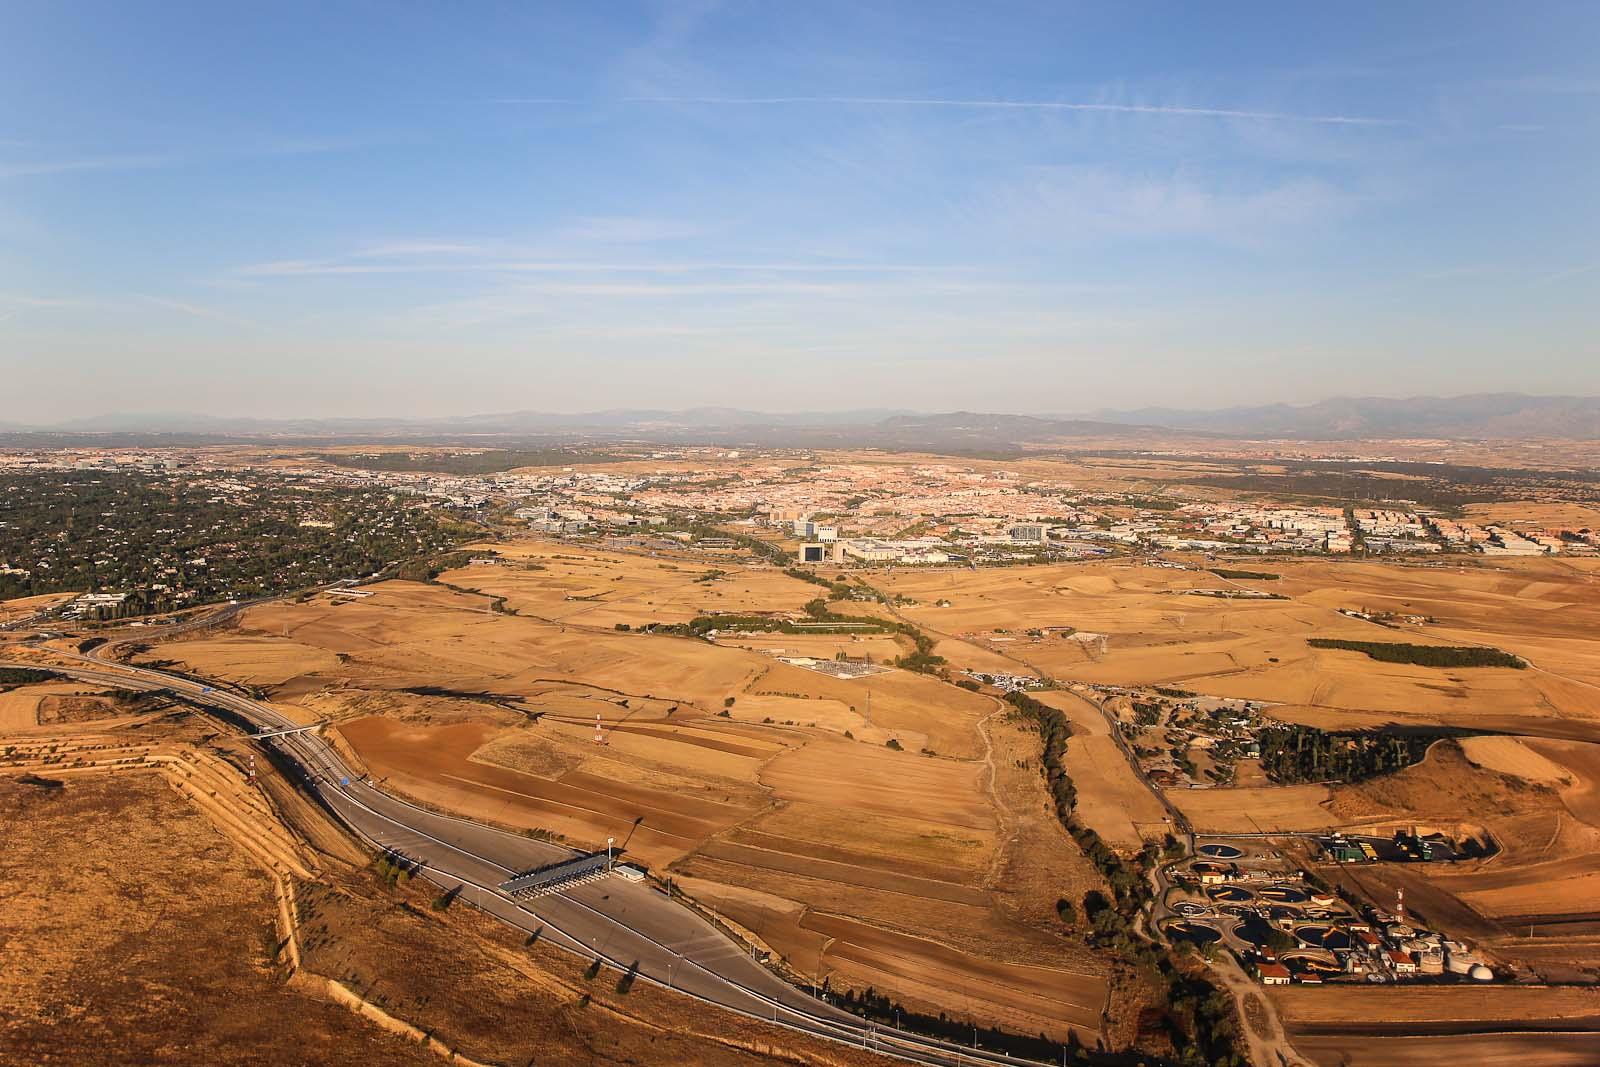 Вид на окрестности Мадрида при взлете из аэропорта Барахас